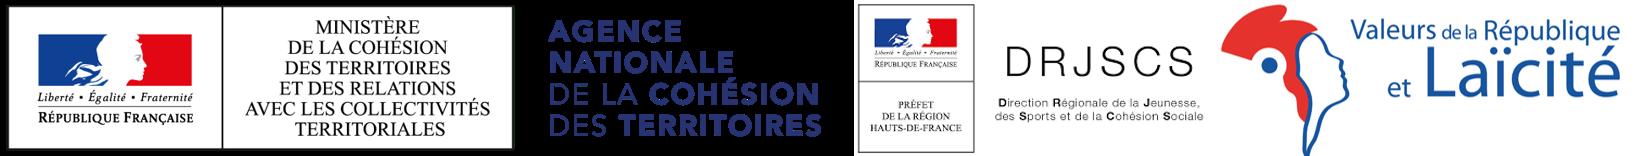 Valeurs de la République & Laïcité – Hauts-de-France - Une plateforme de formation et d'information  sur les Valeurs de la République et la Laïcité dans la région Hauts-de-France